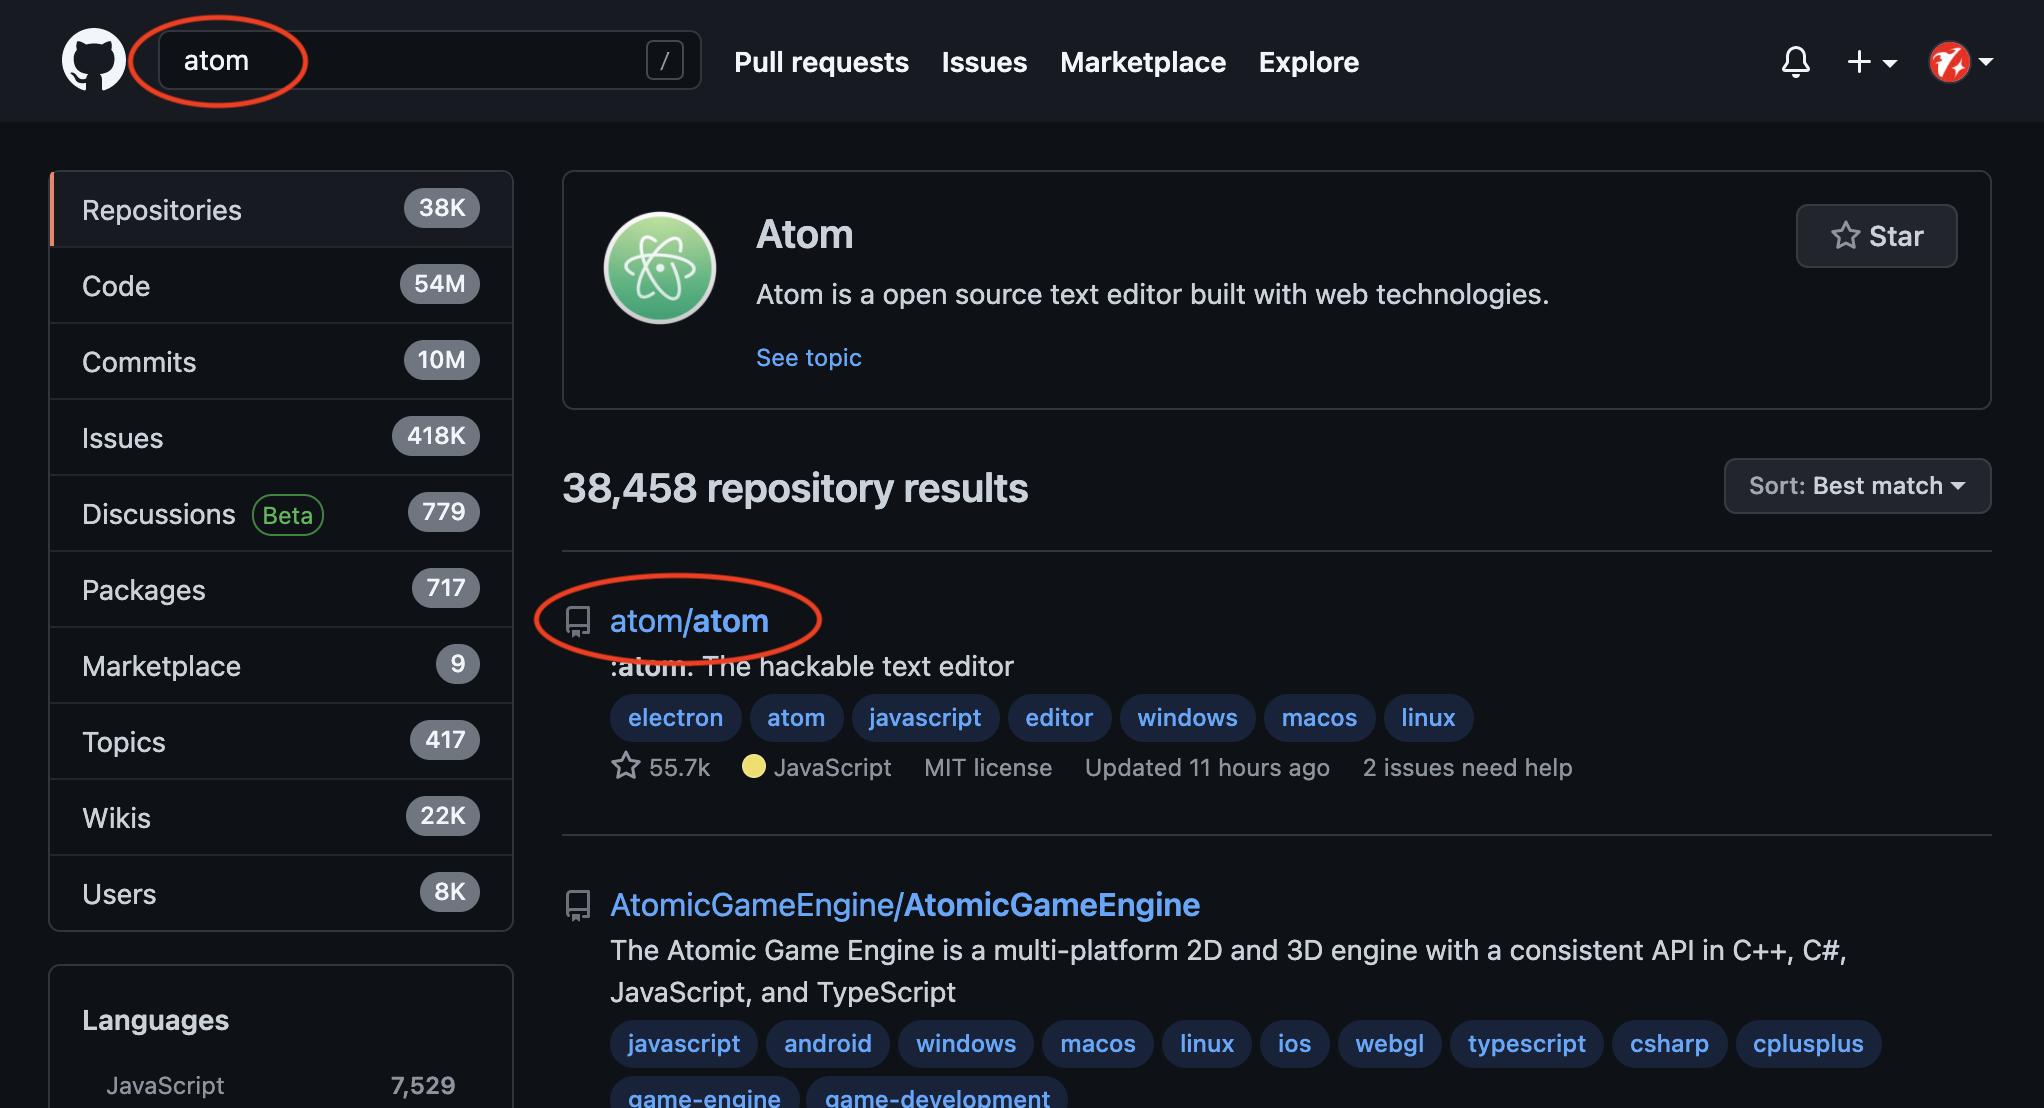 GitHubでatomを検索